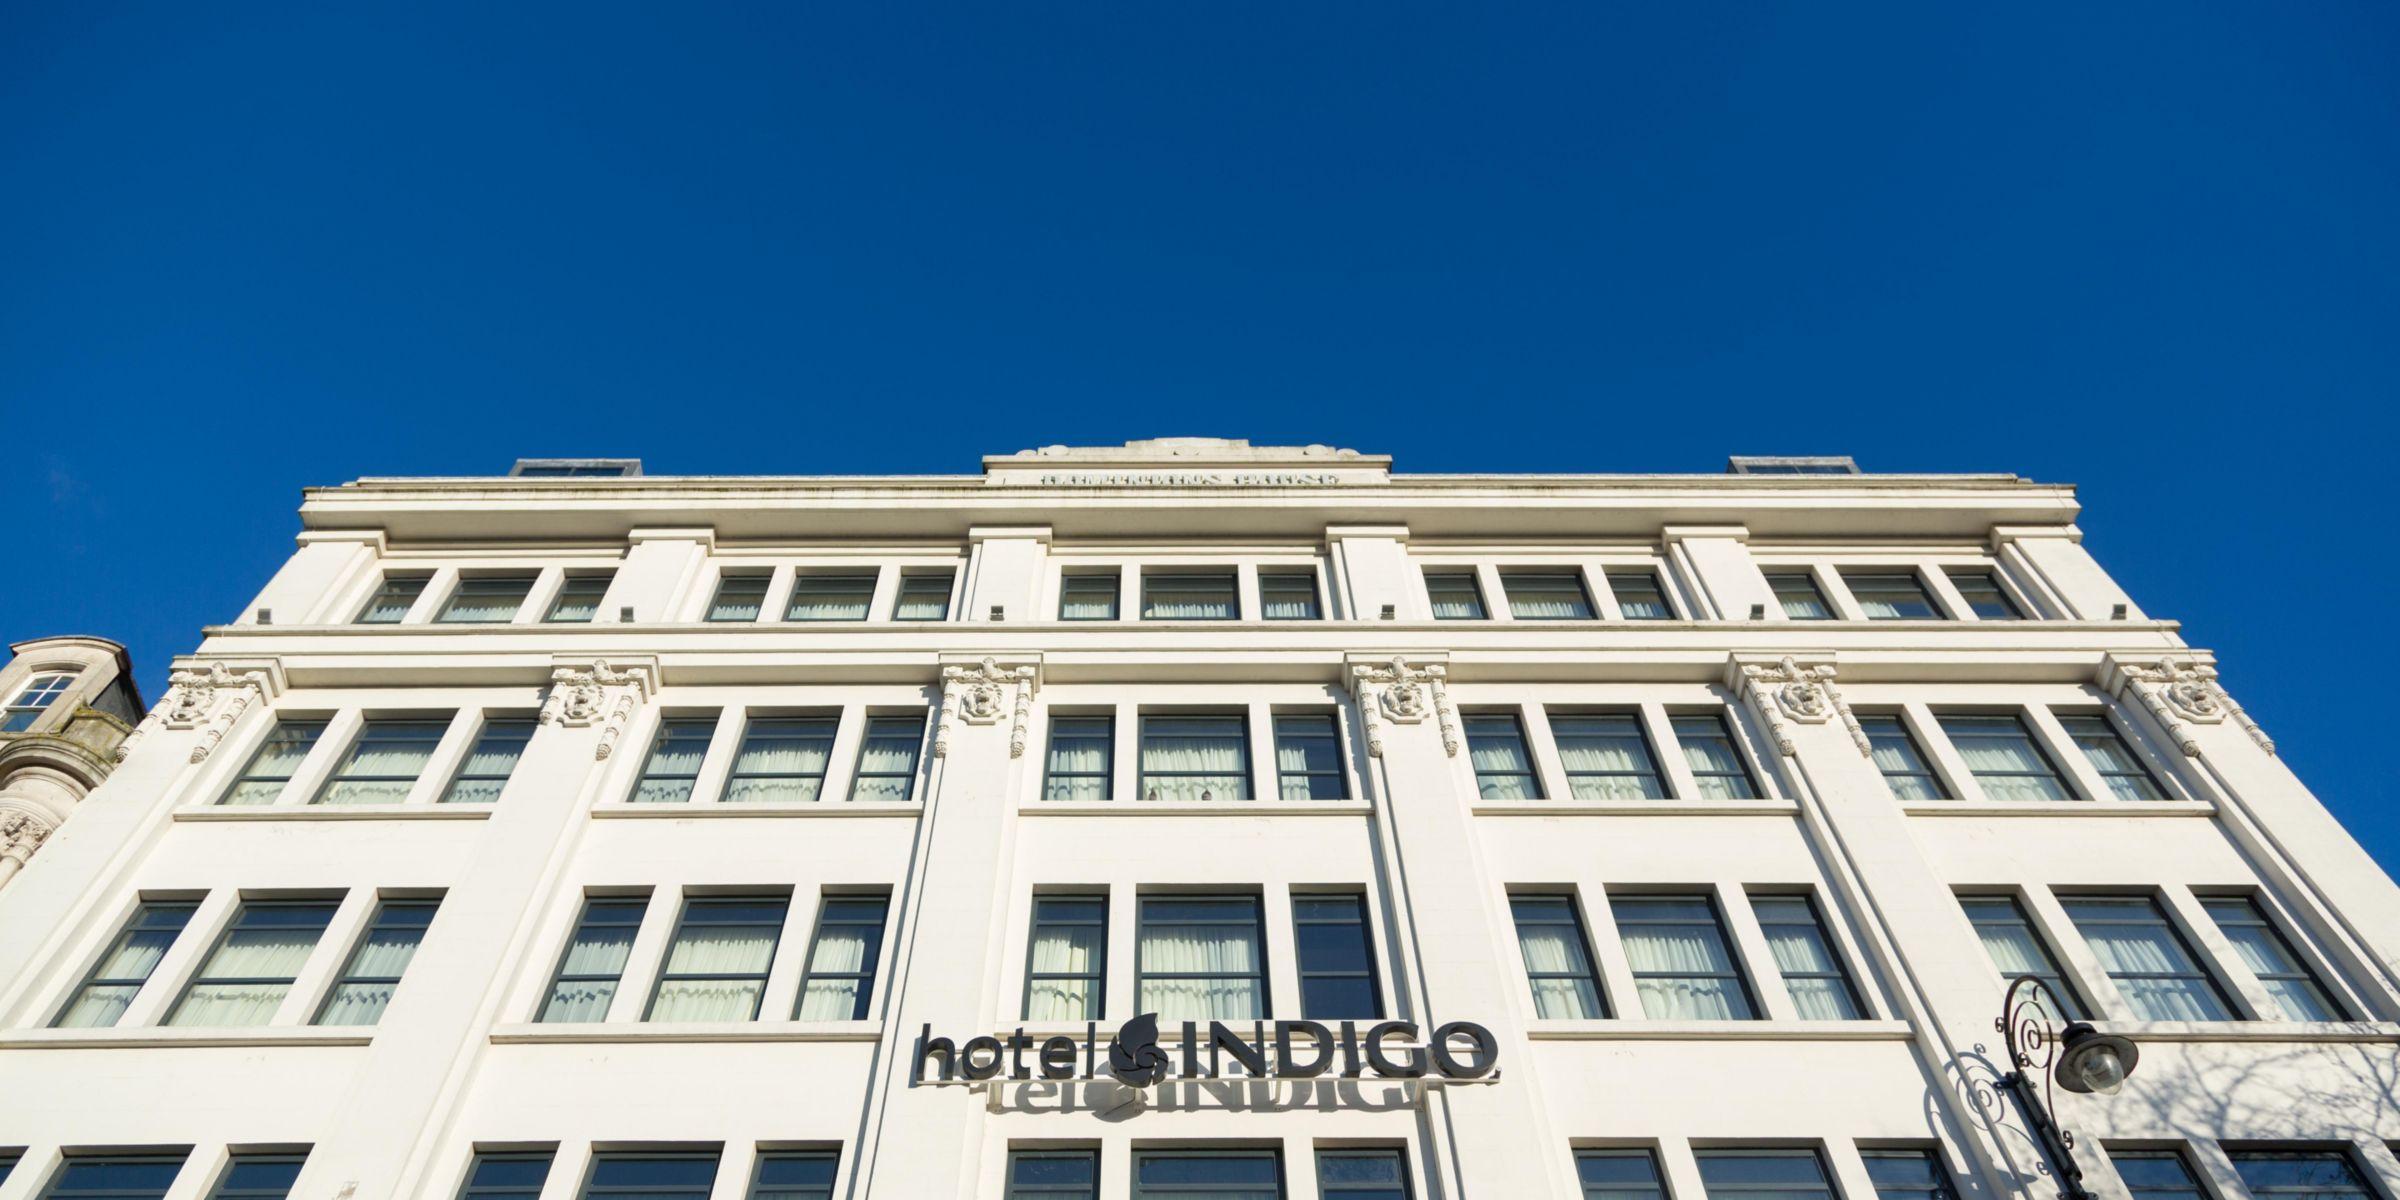 Hotel Indigo Cardiff Facade